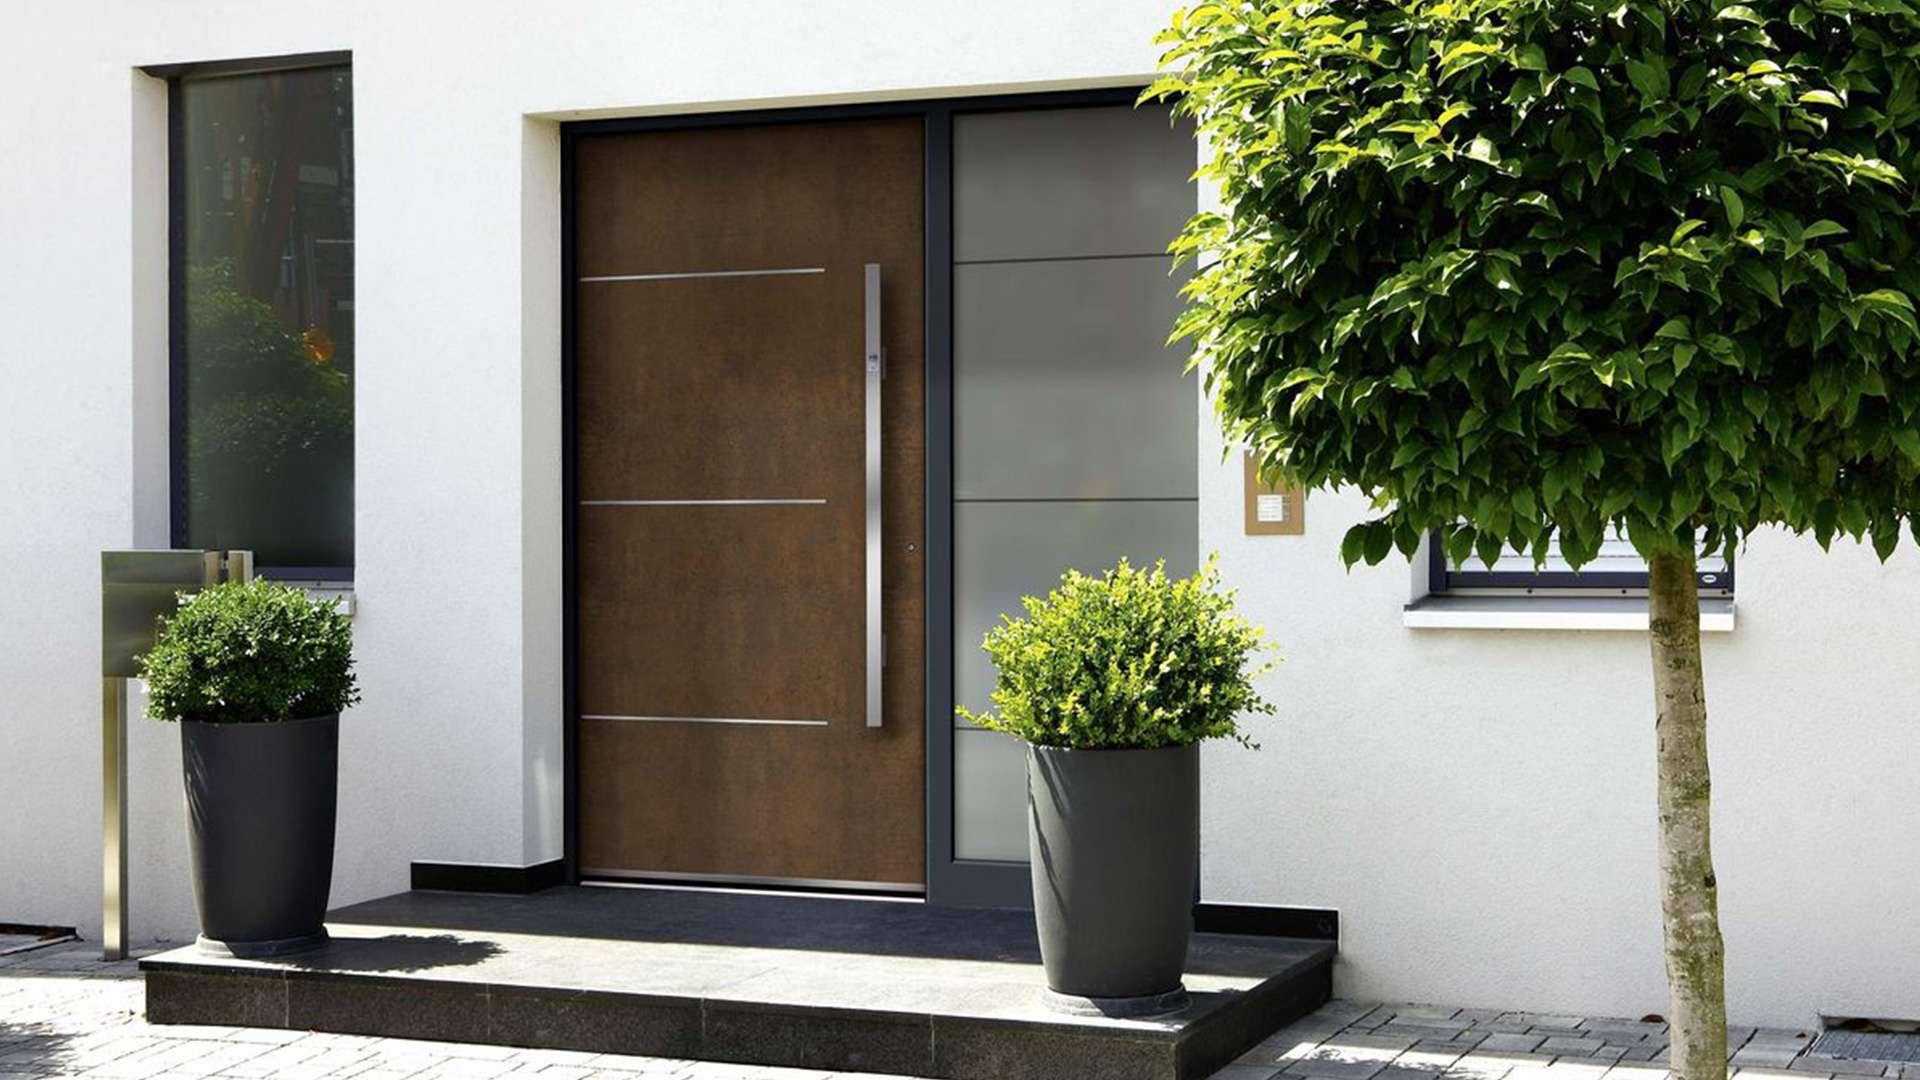 braue Haustür mit Glaselement auf der rechten Seite in weißer Fassade